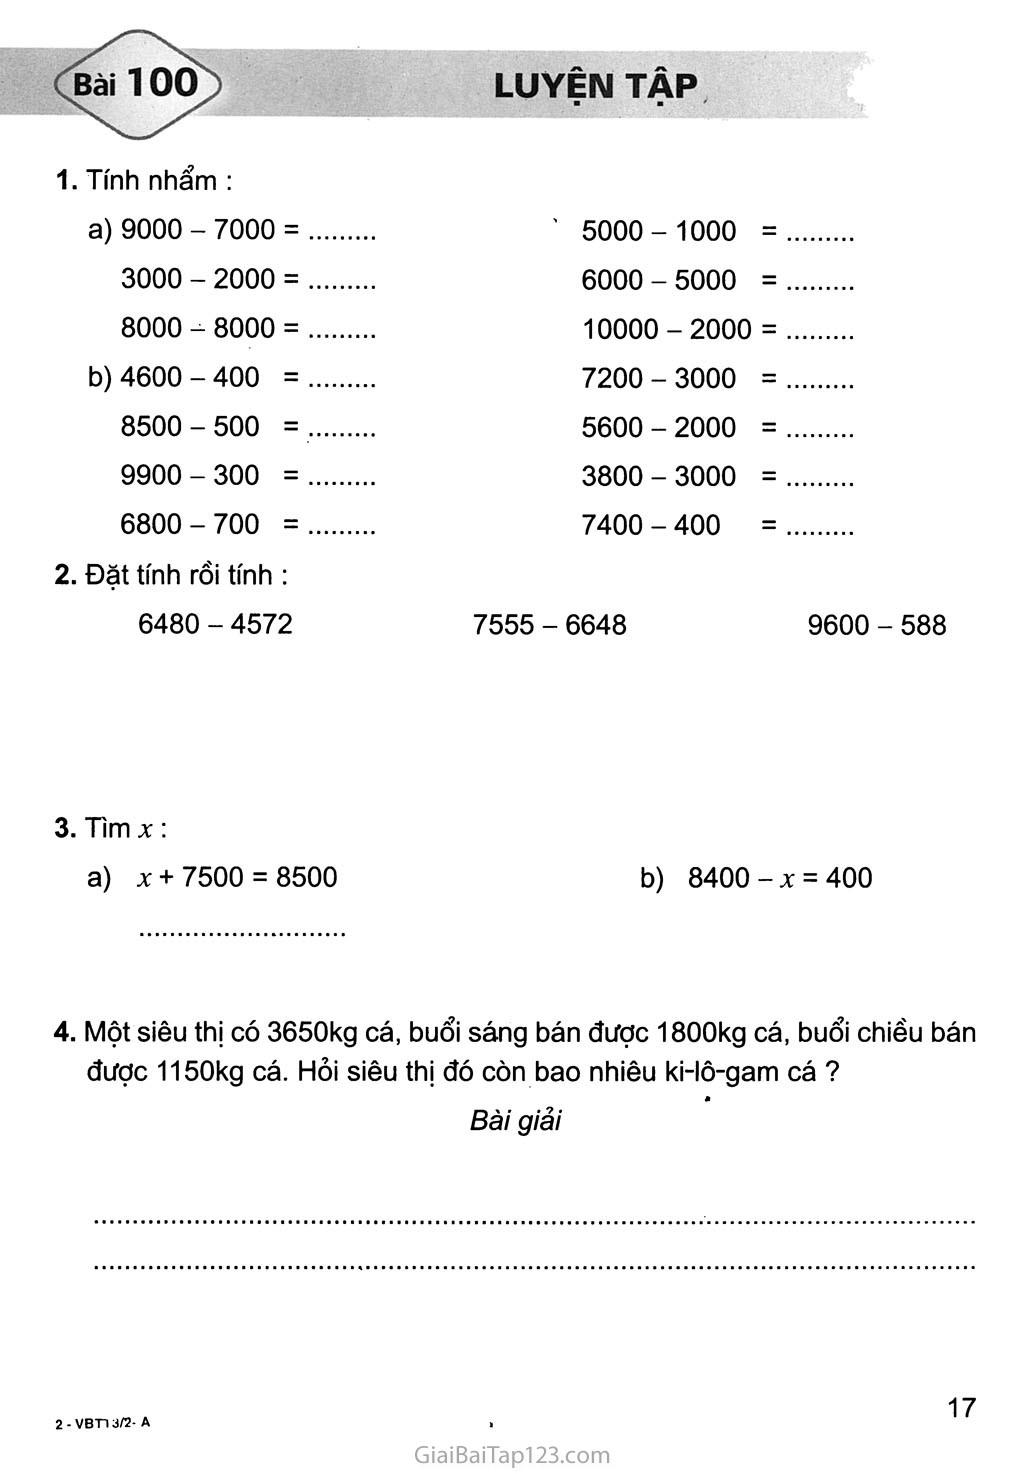 Bài 100: Luyện tập trang 1